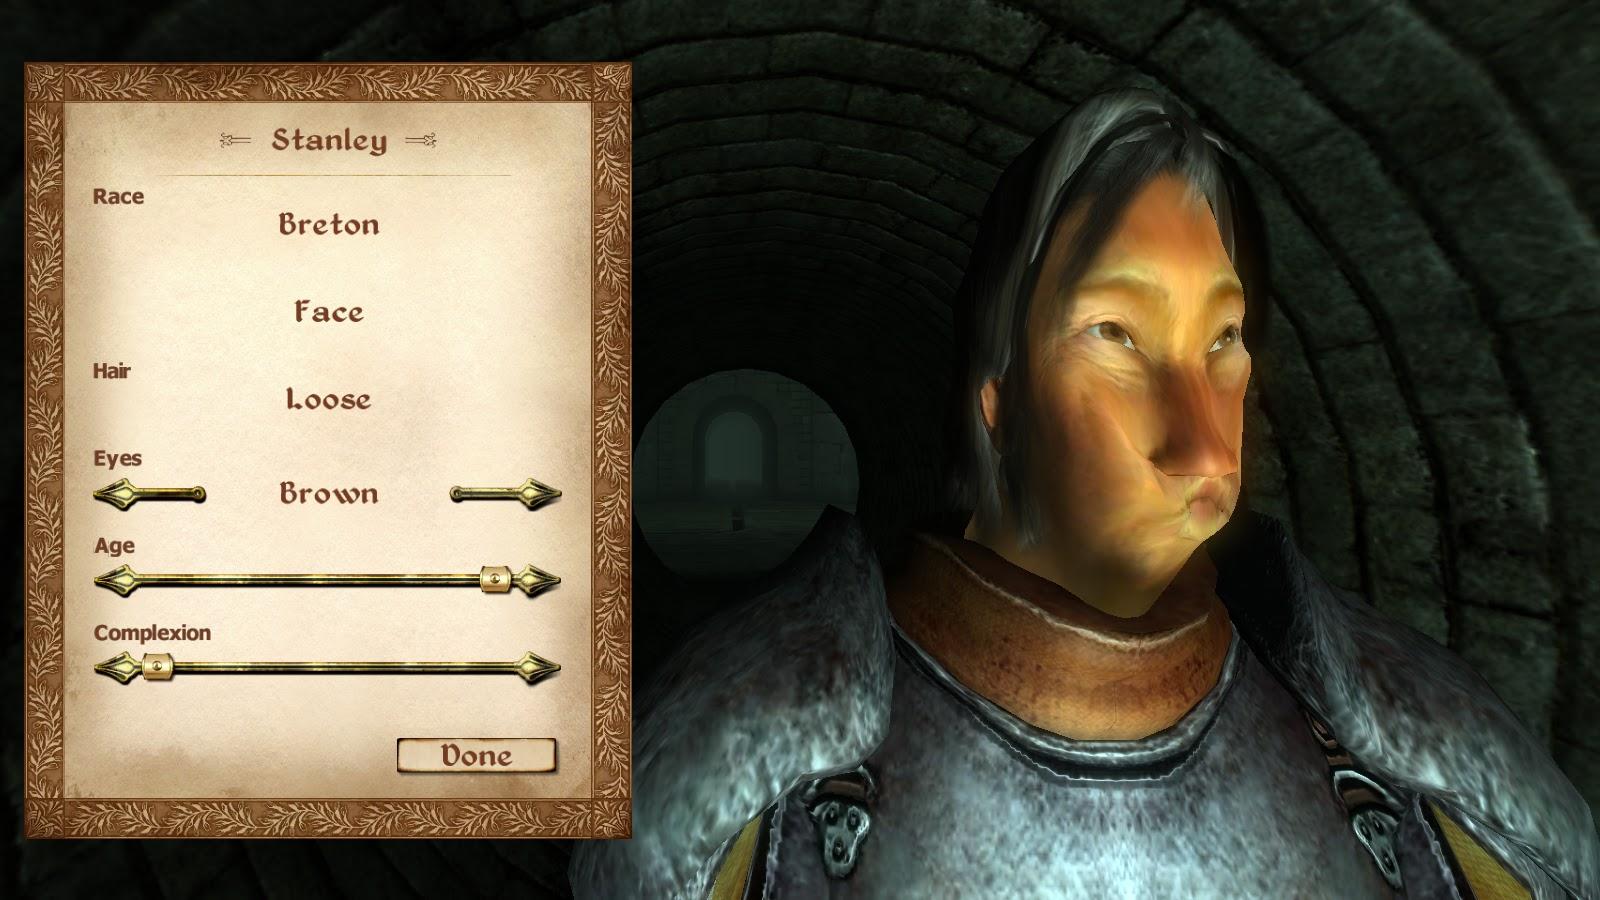 Oblivion Faces Images - Reverse Search